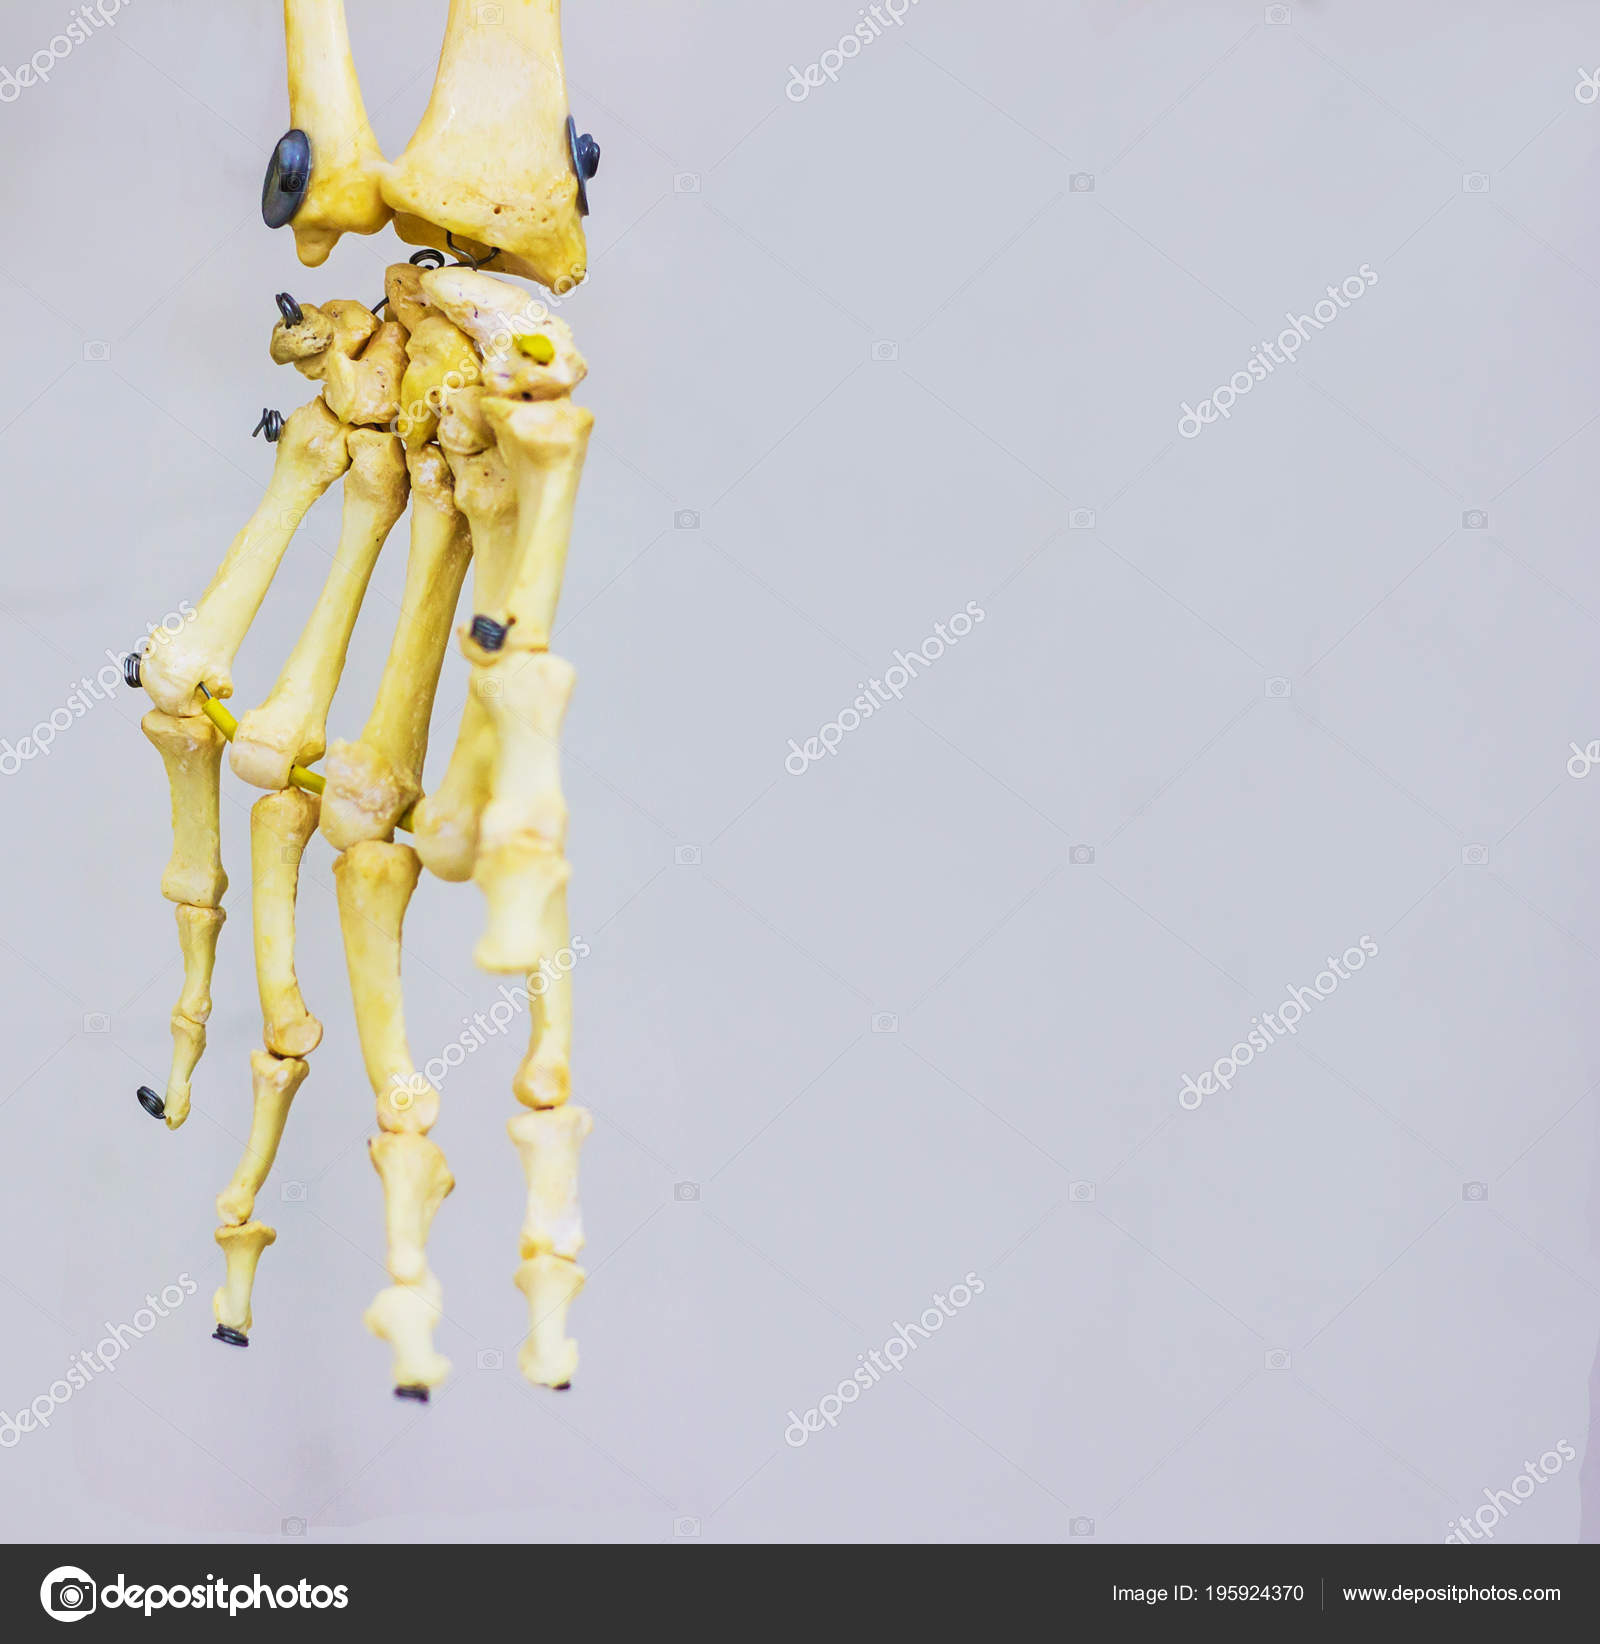 Artikuliert Handwurzelknochen Die Anatomie Der Menschlichen Hand ...